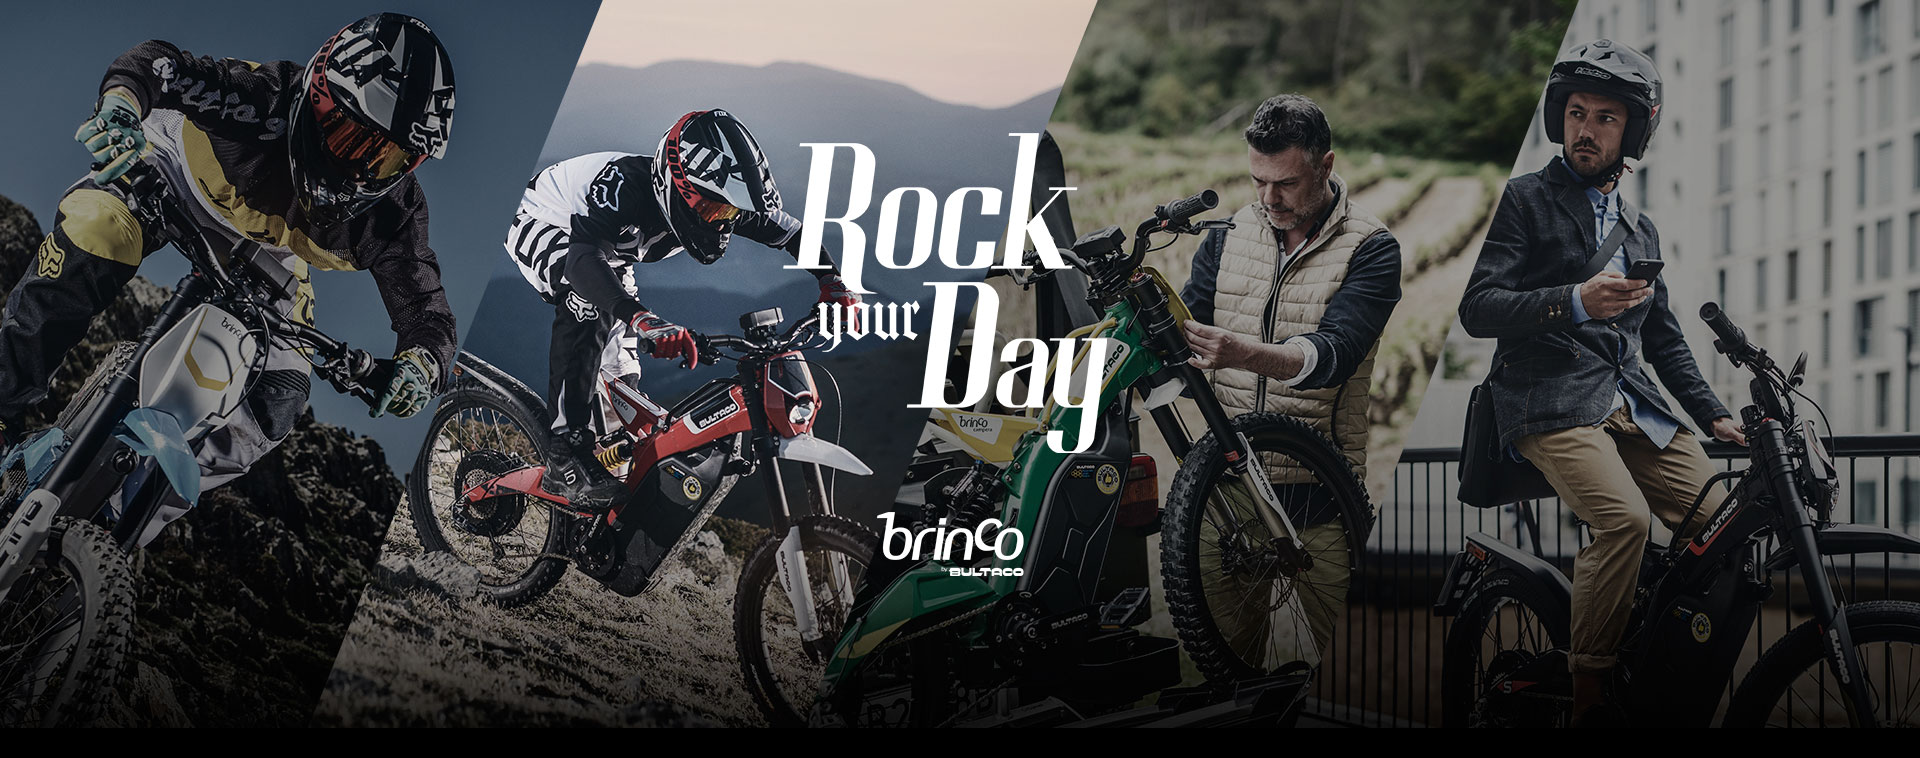 Bultaco Brinco Rock your Day